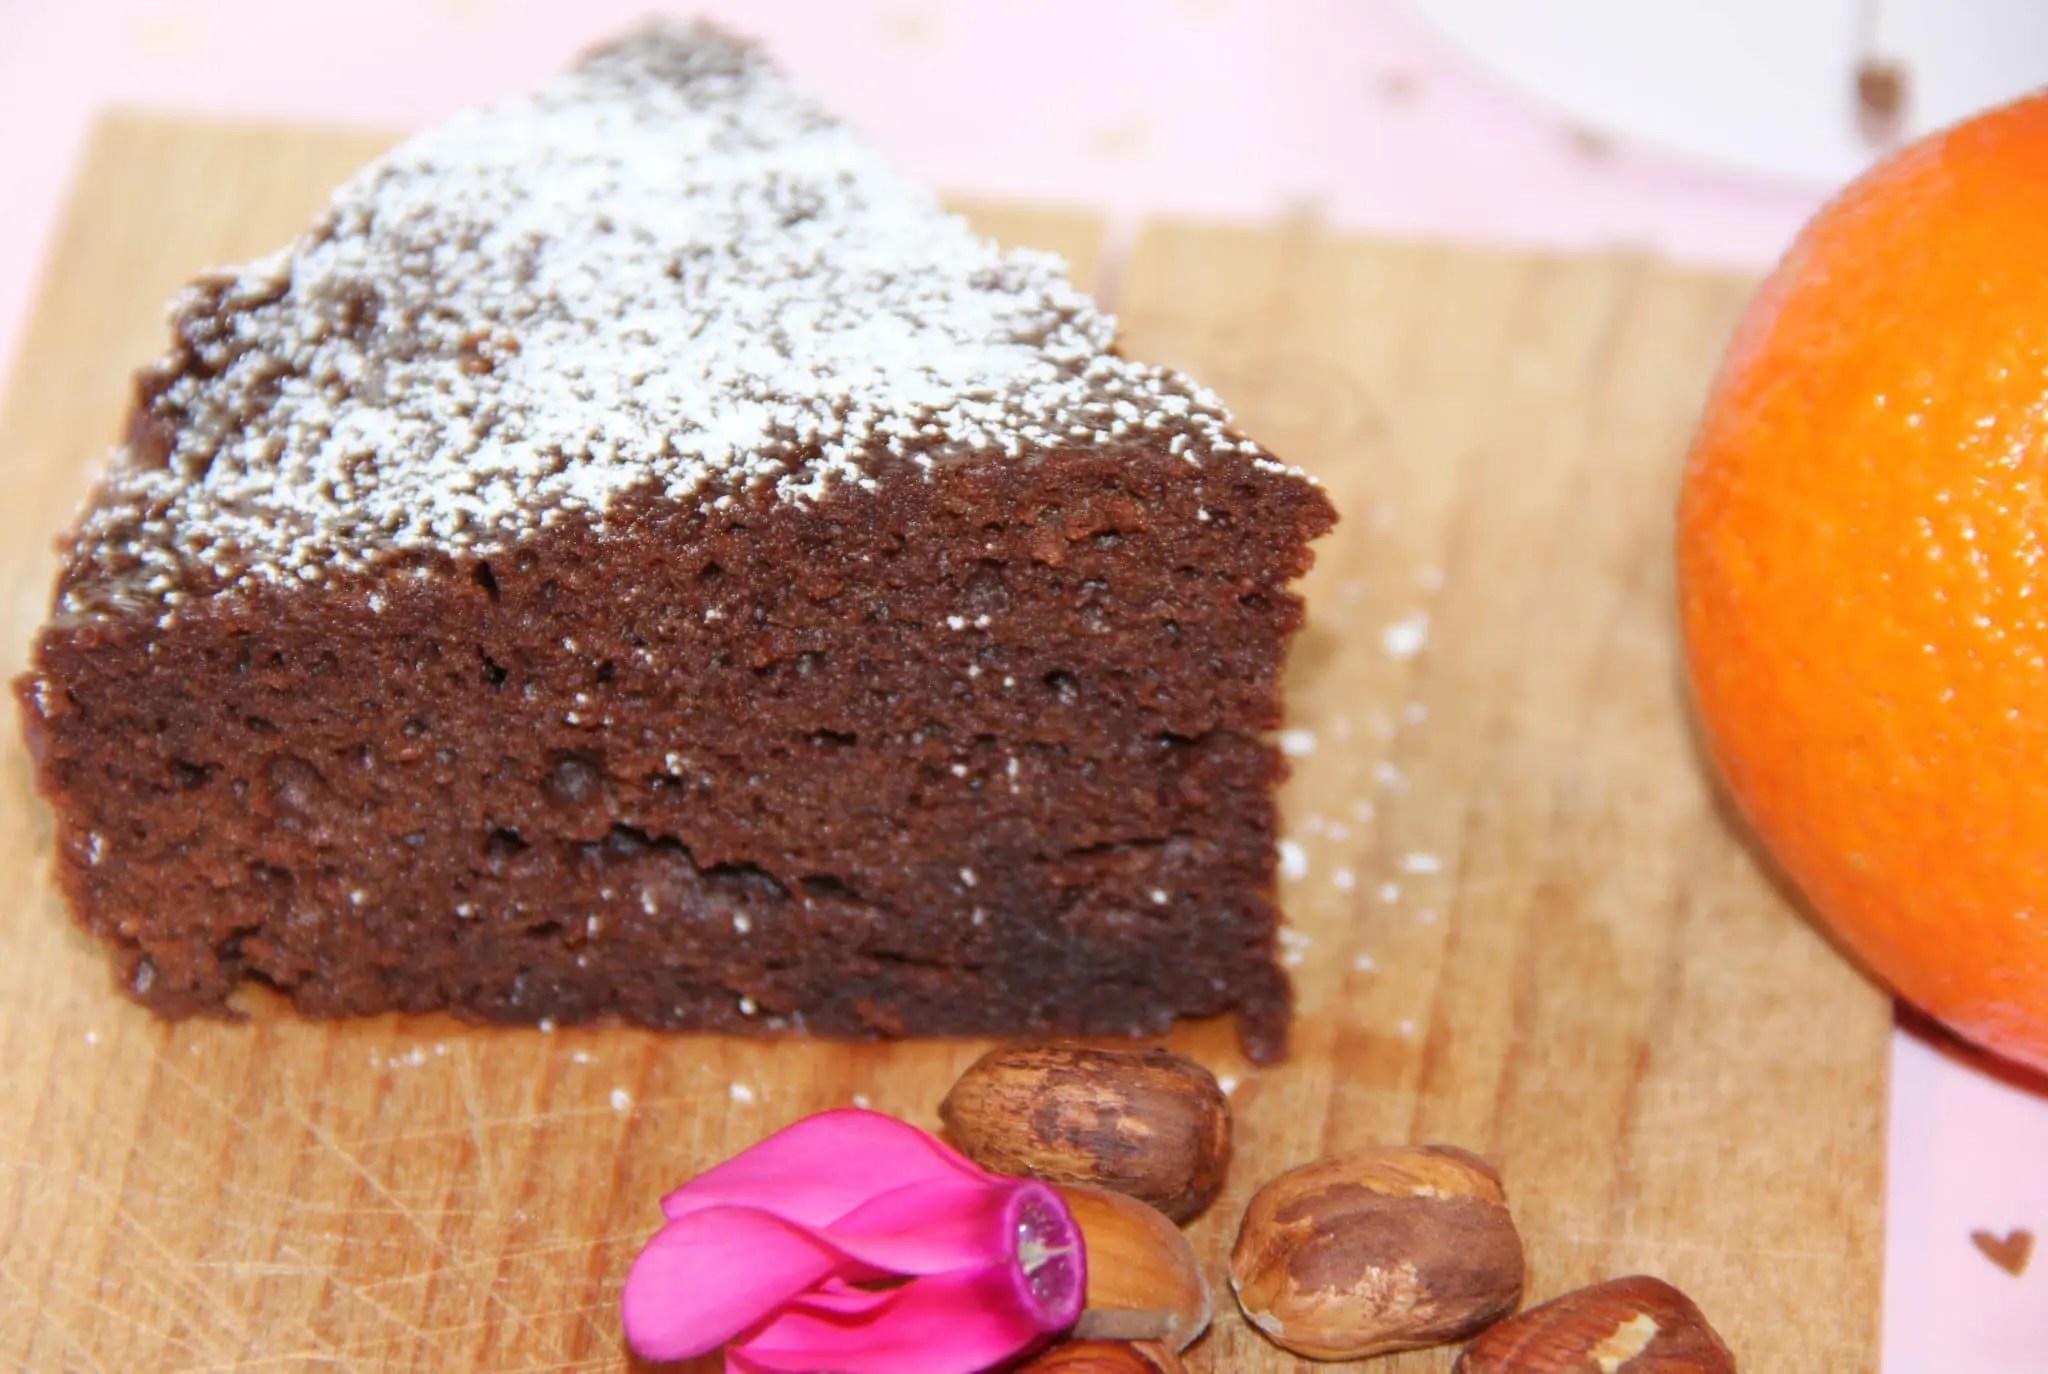 Gateau Au Chocolat La Recette La Plus Facile Et La Plus Rapide Au